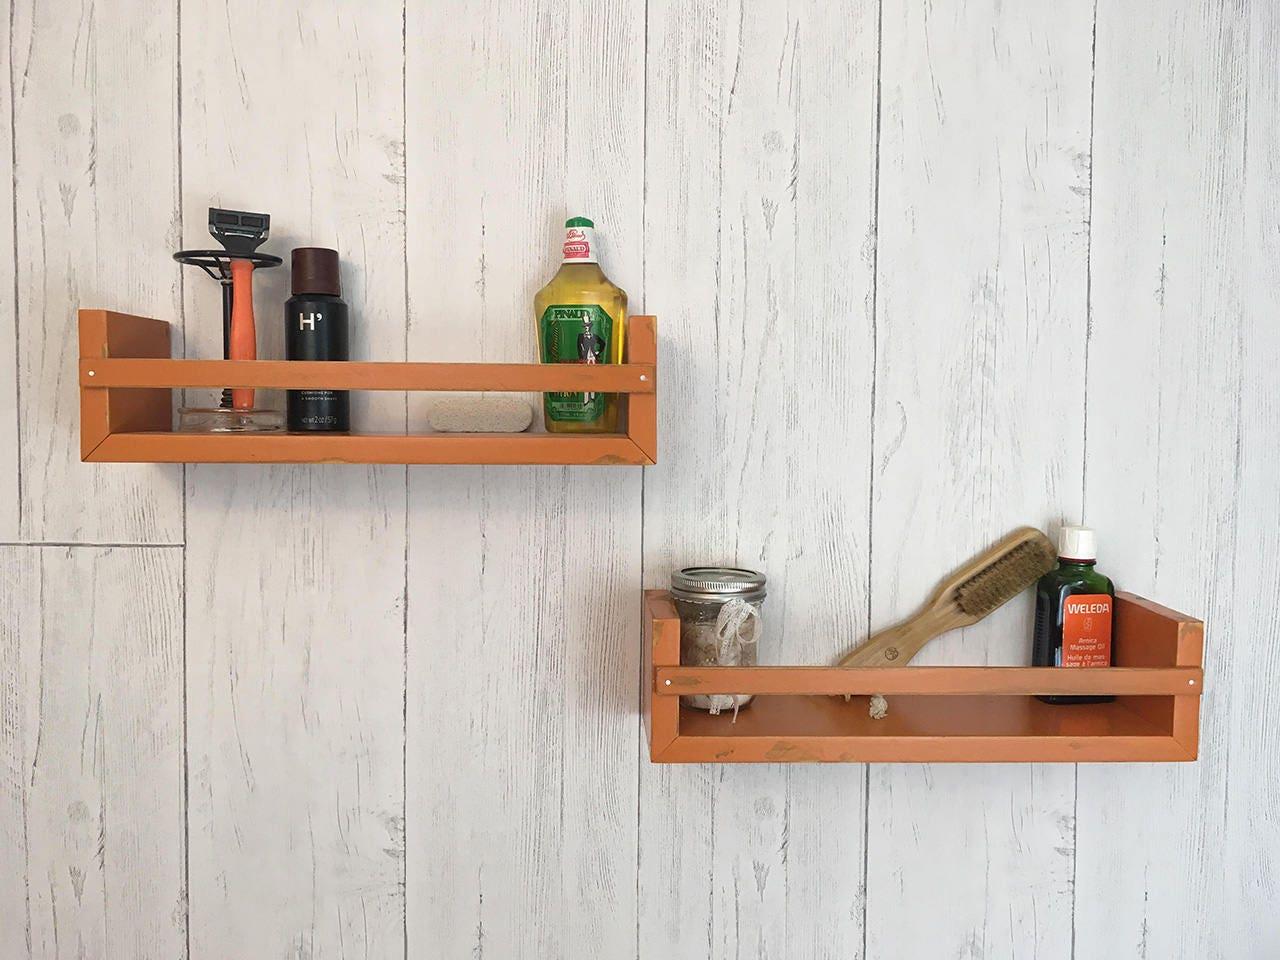 bathroom shelf wood floating shelf spice rack kitchen wall. Black Bedroom Furniture Sets. Home Design Ideas